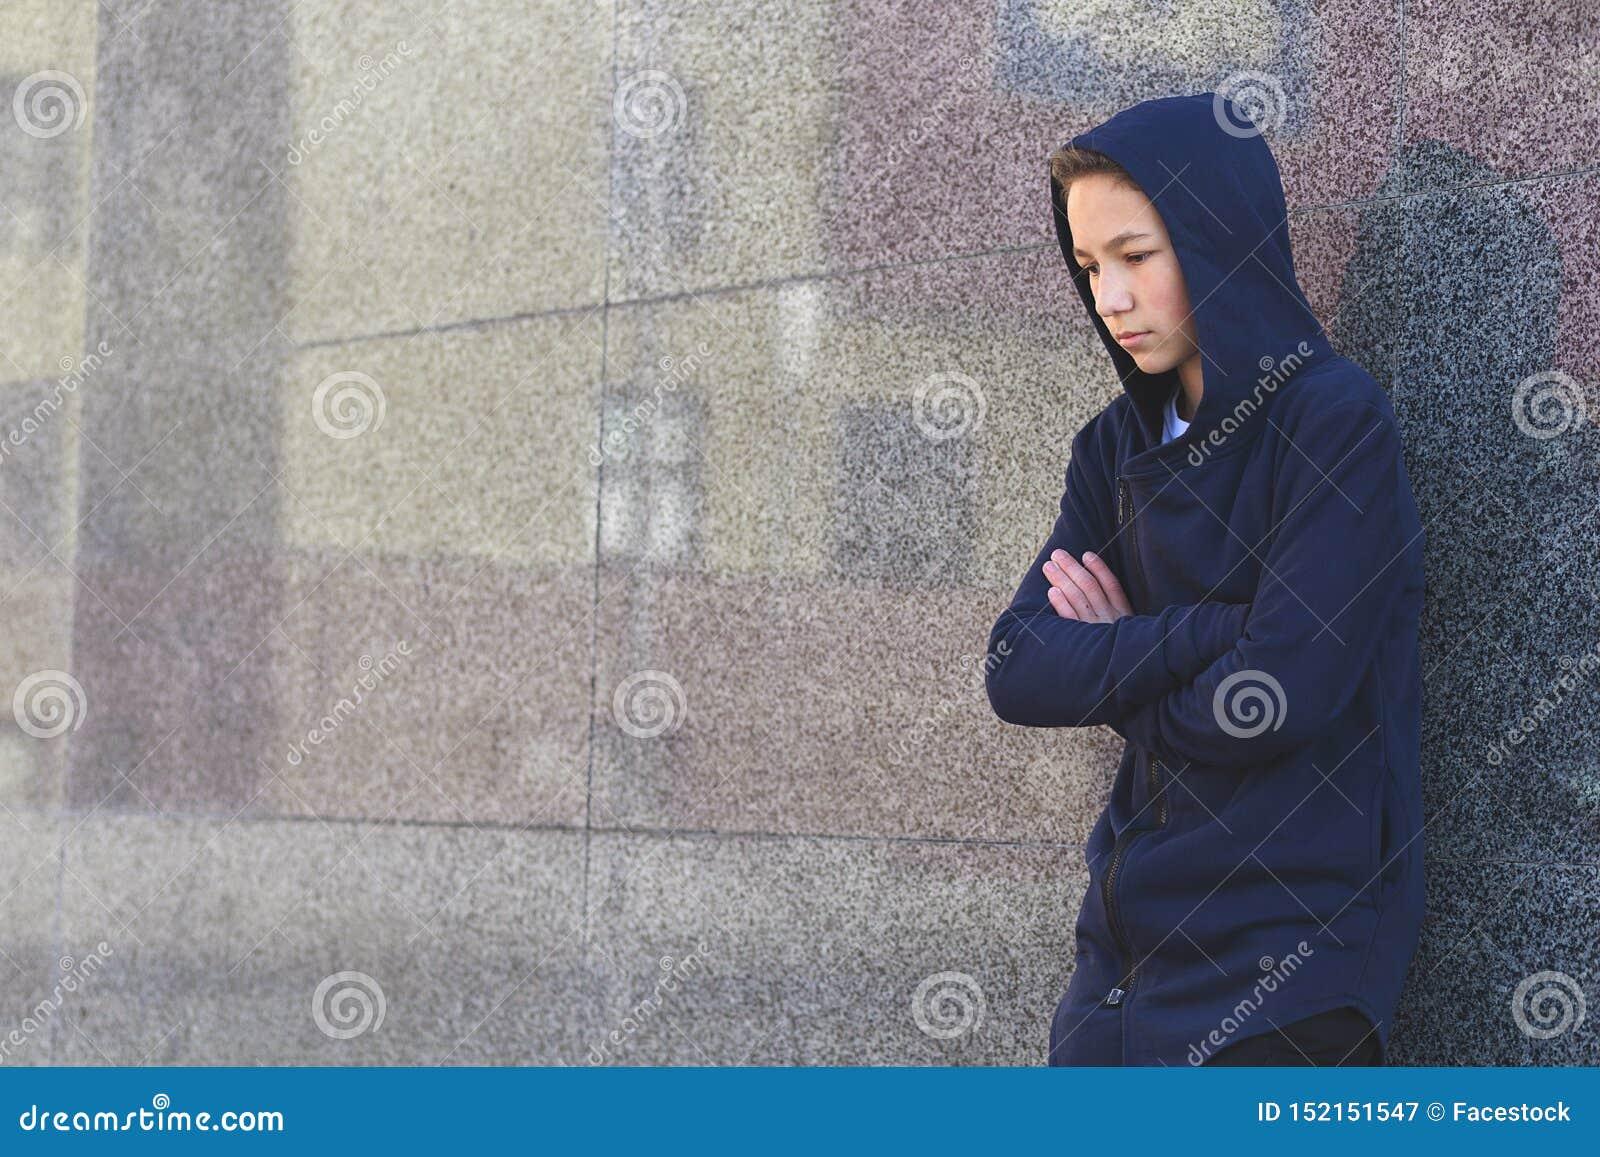 Gedeprimeerde droevige tiener op een donkere achtergrond, tienerprobleemconcept